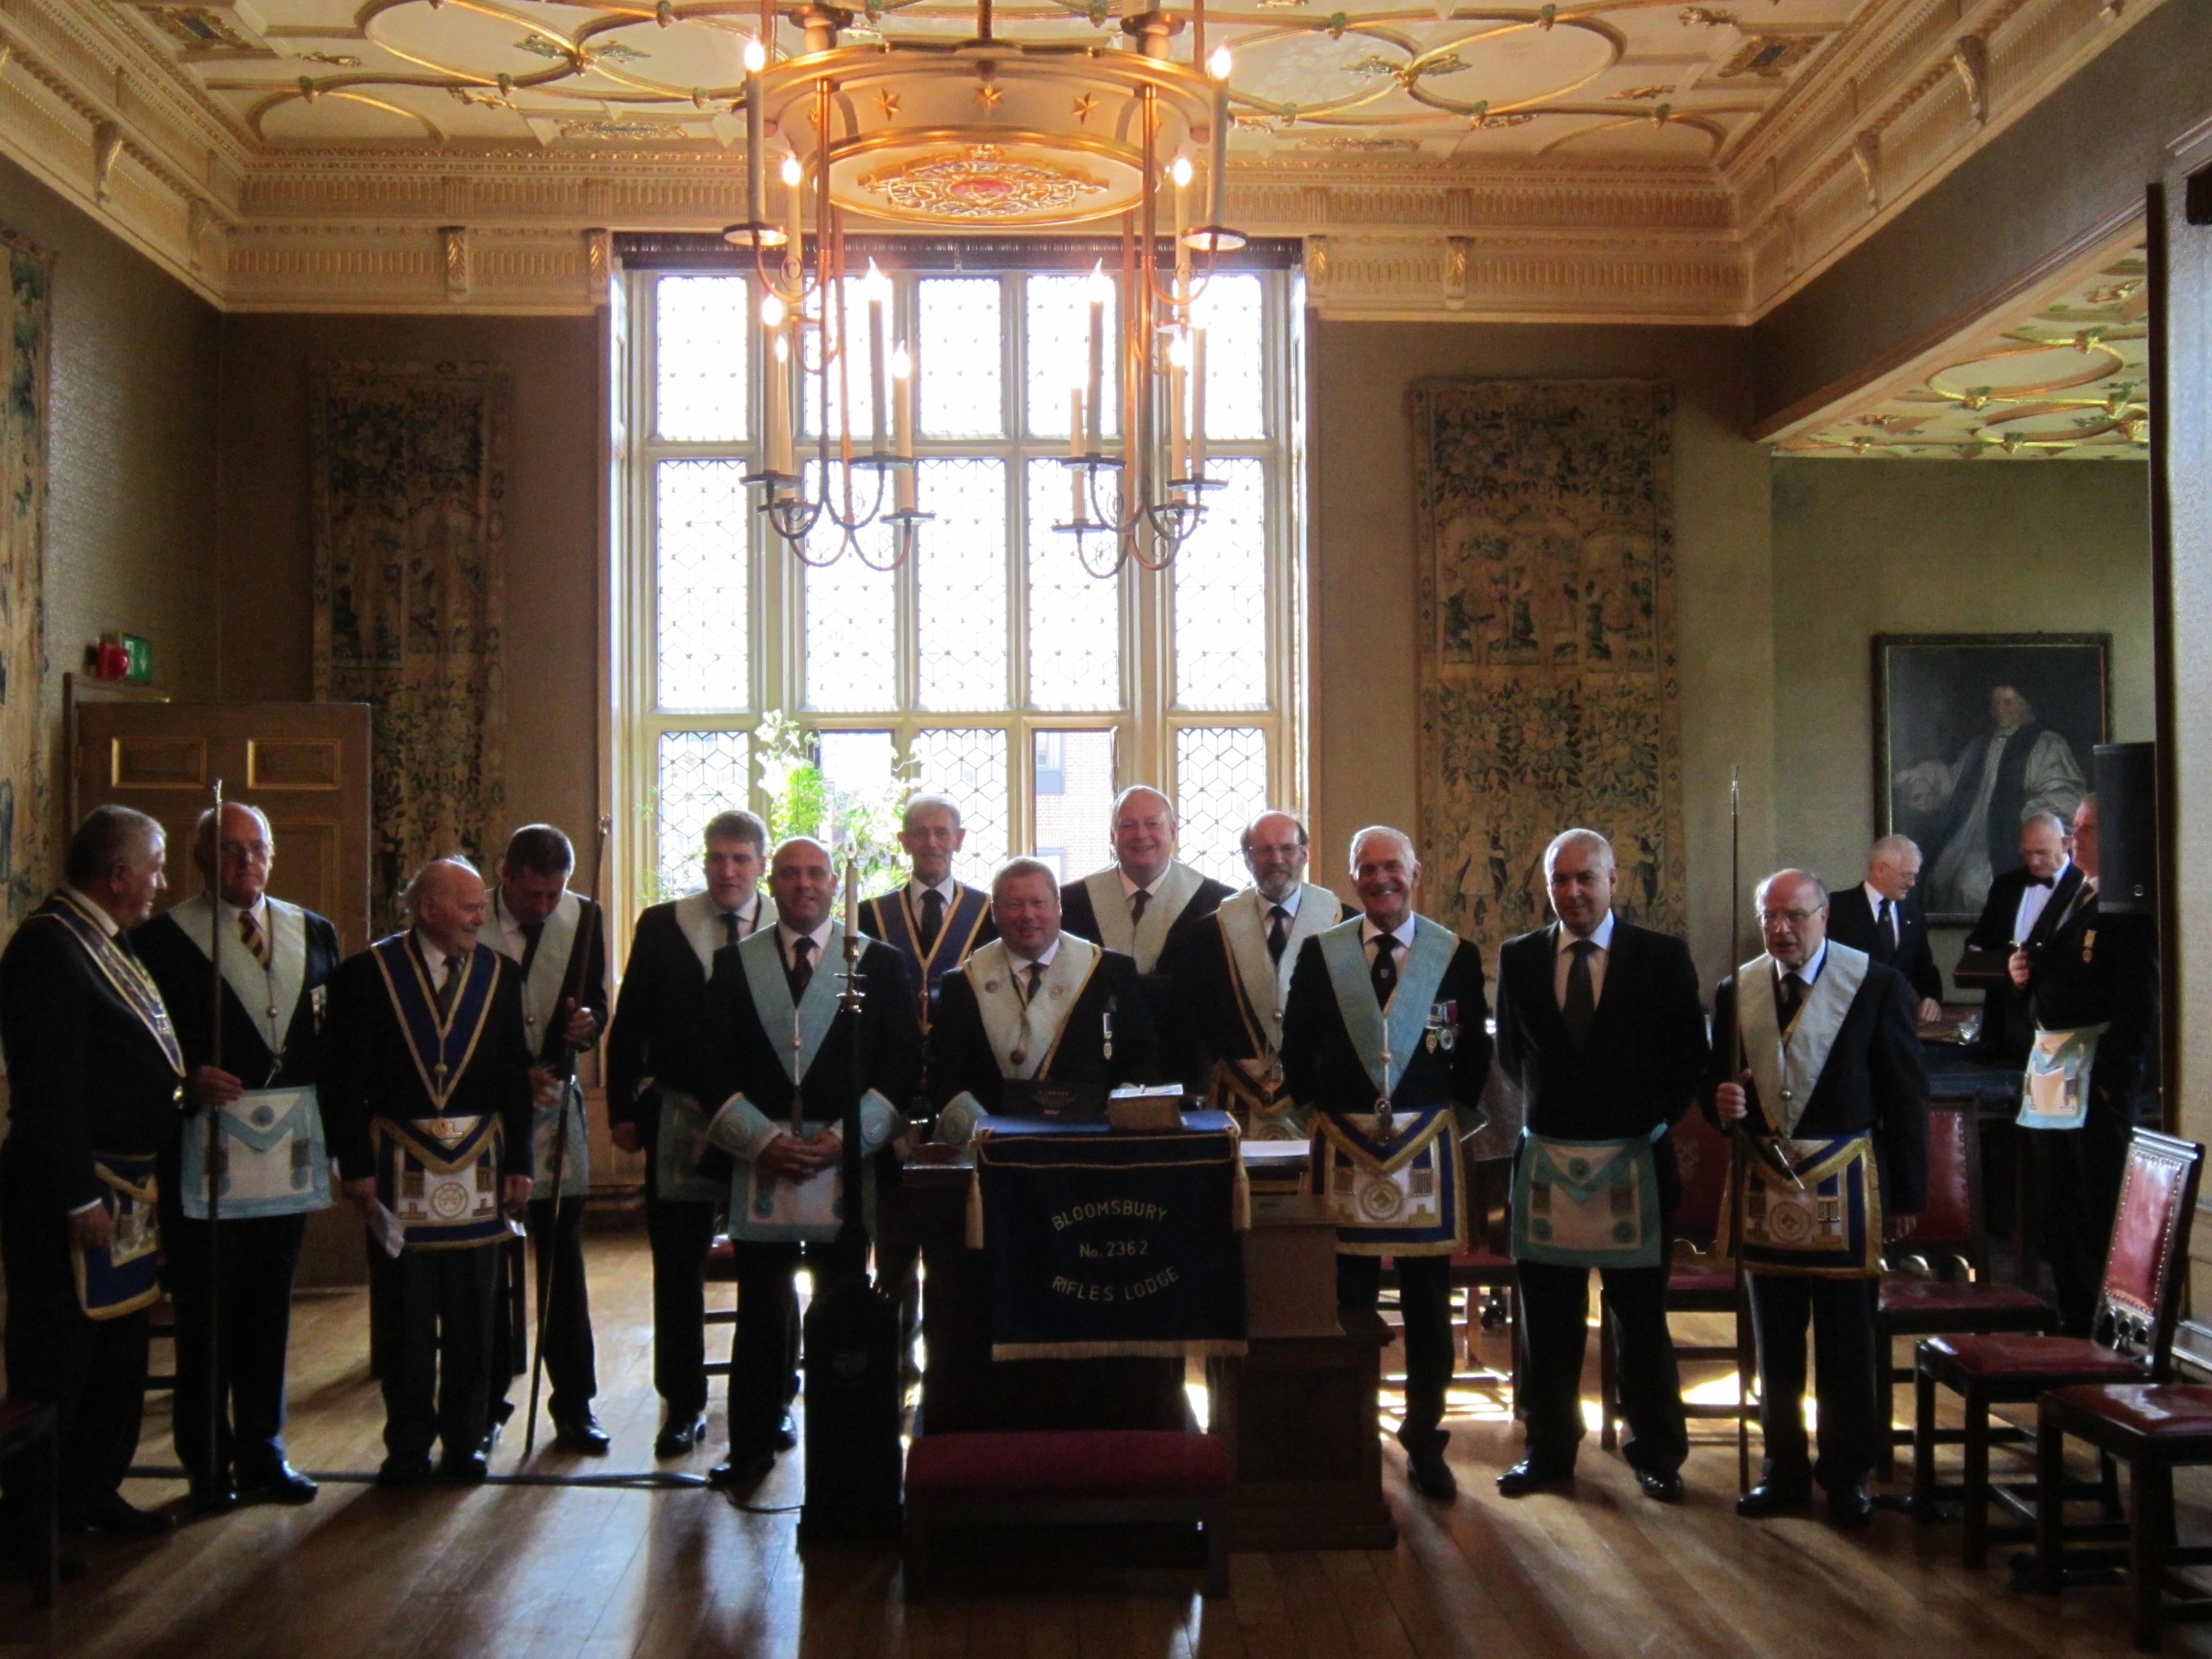 Bloomsbury Rifles Lodge